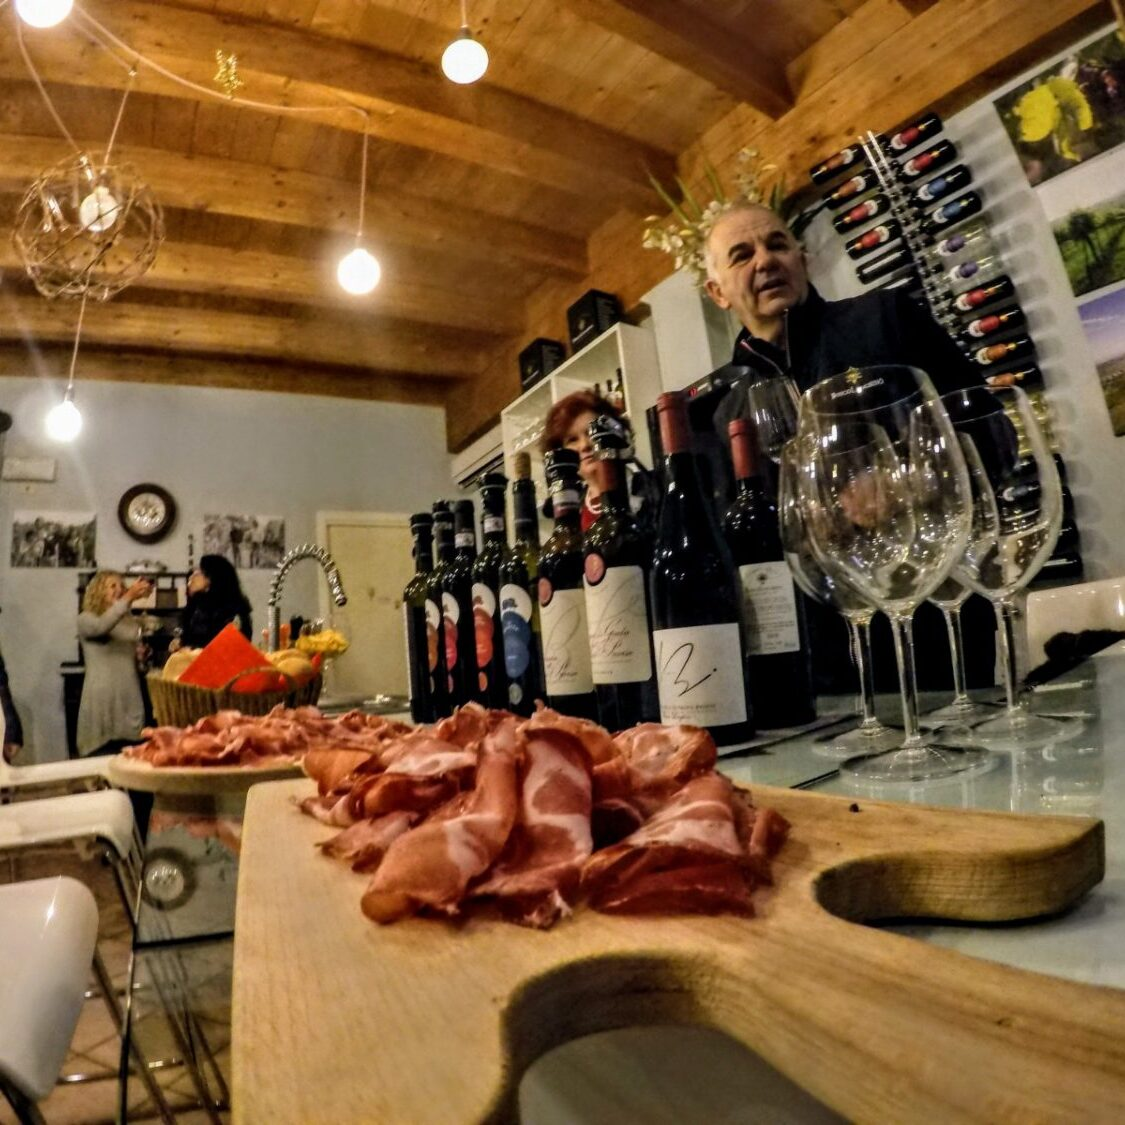 bosco_longhino_visite_degustazione_vino_in_cantina_oltrepo_pavese_con_aperitivo